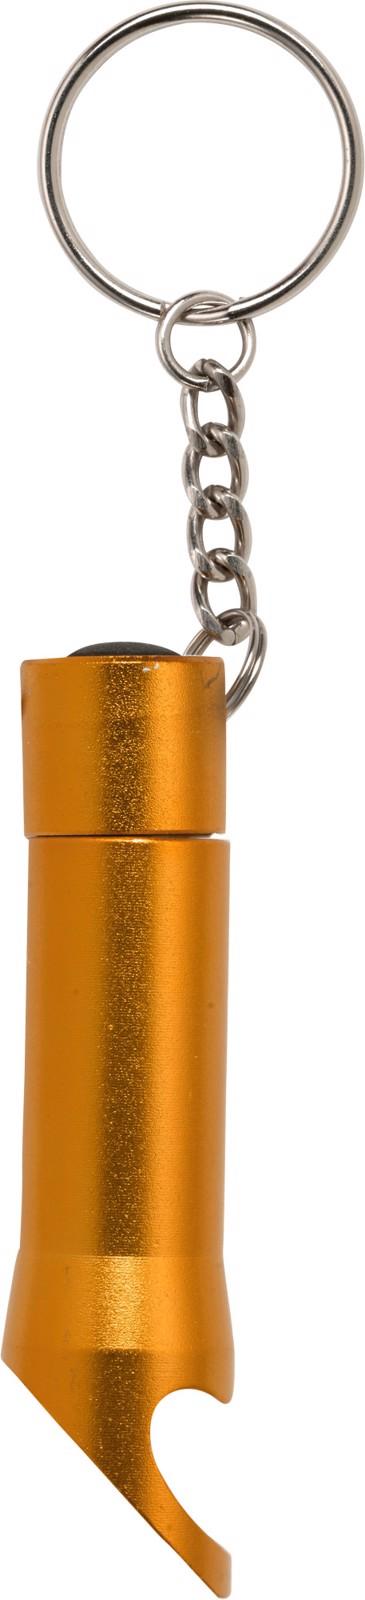 Aluminium 2-in-1 key holder - Orange